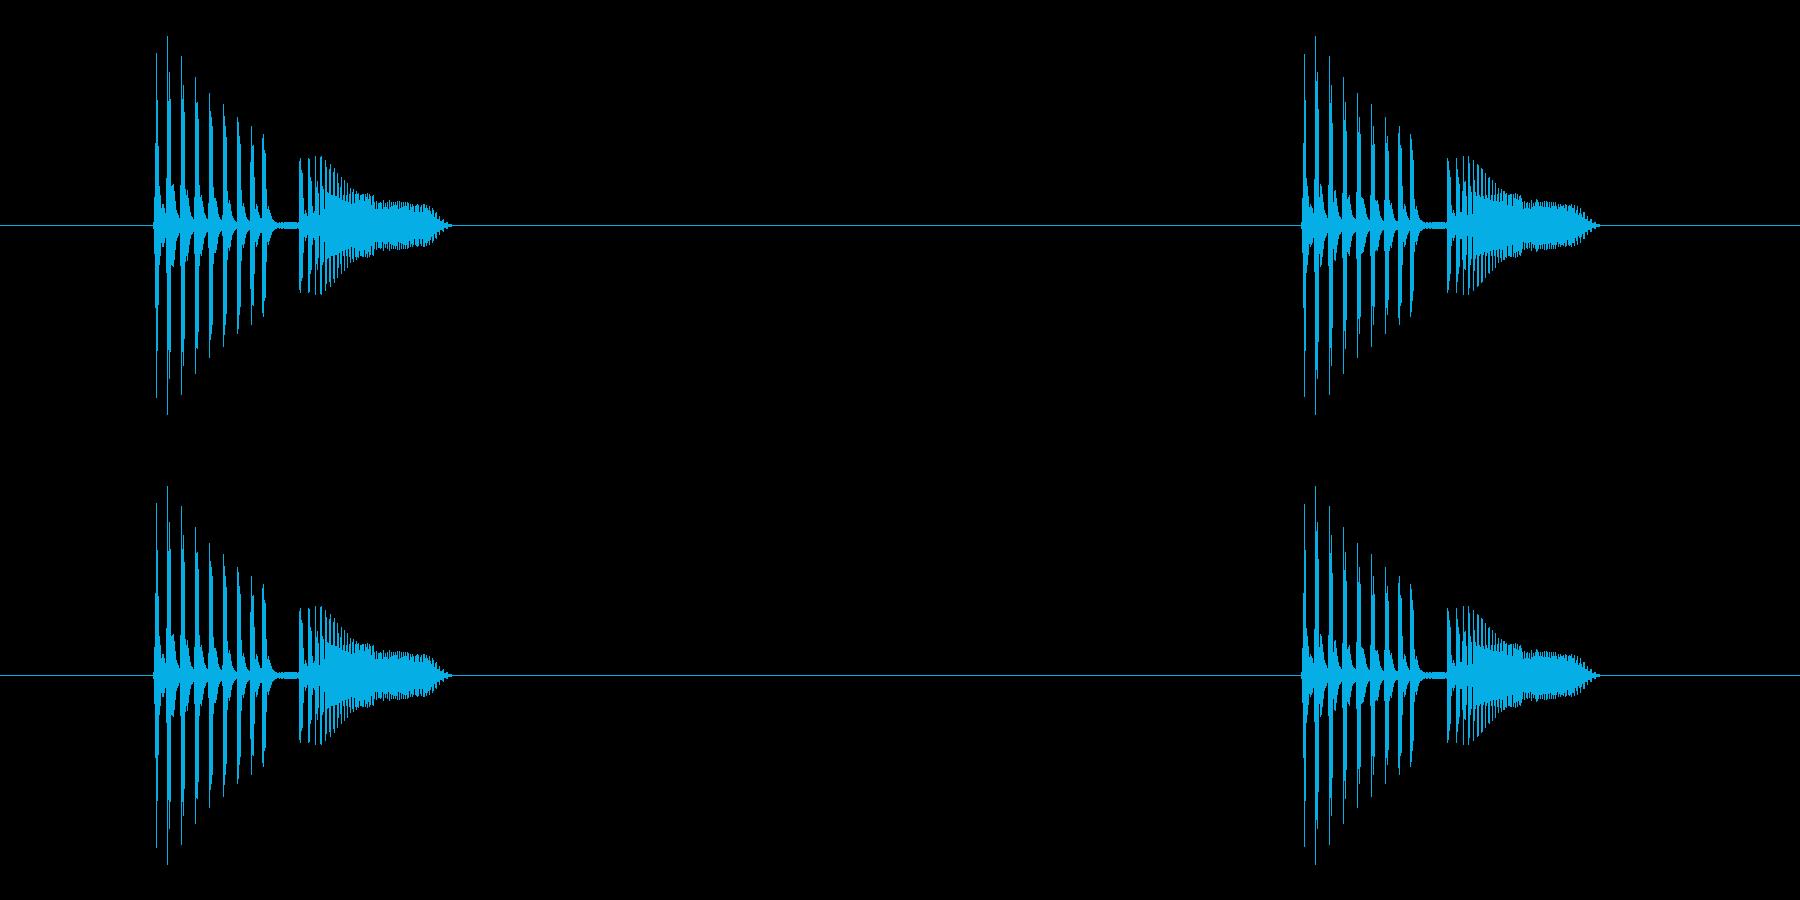 「ピヨピヨ (電子音)」の再生済みの波形